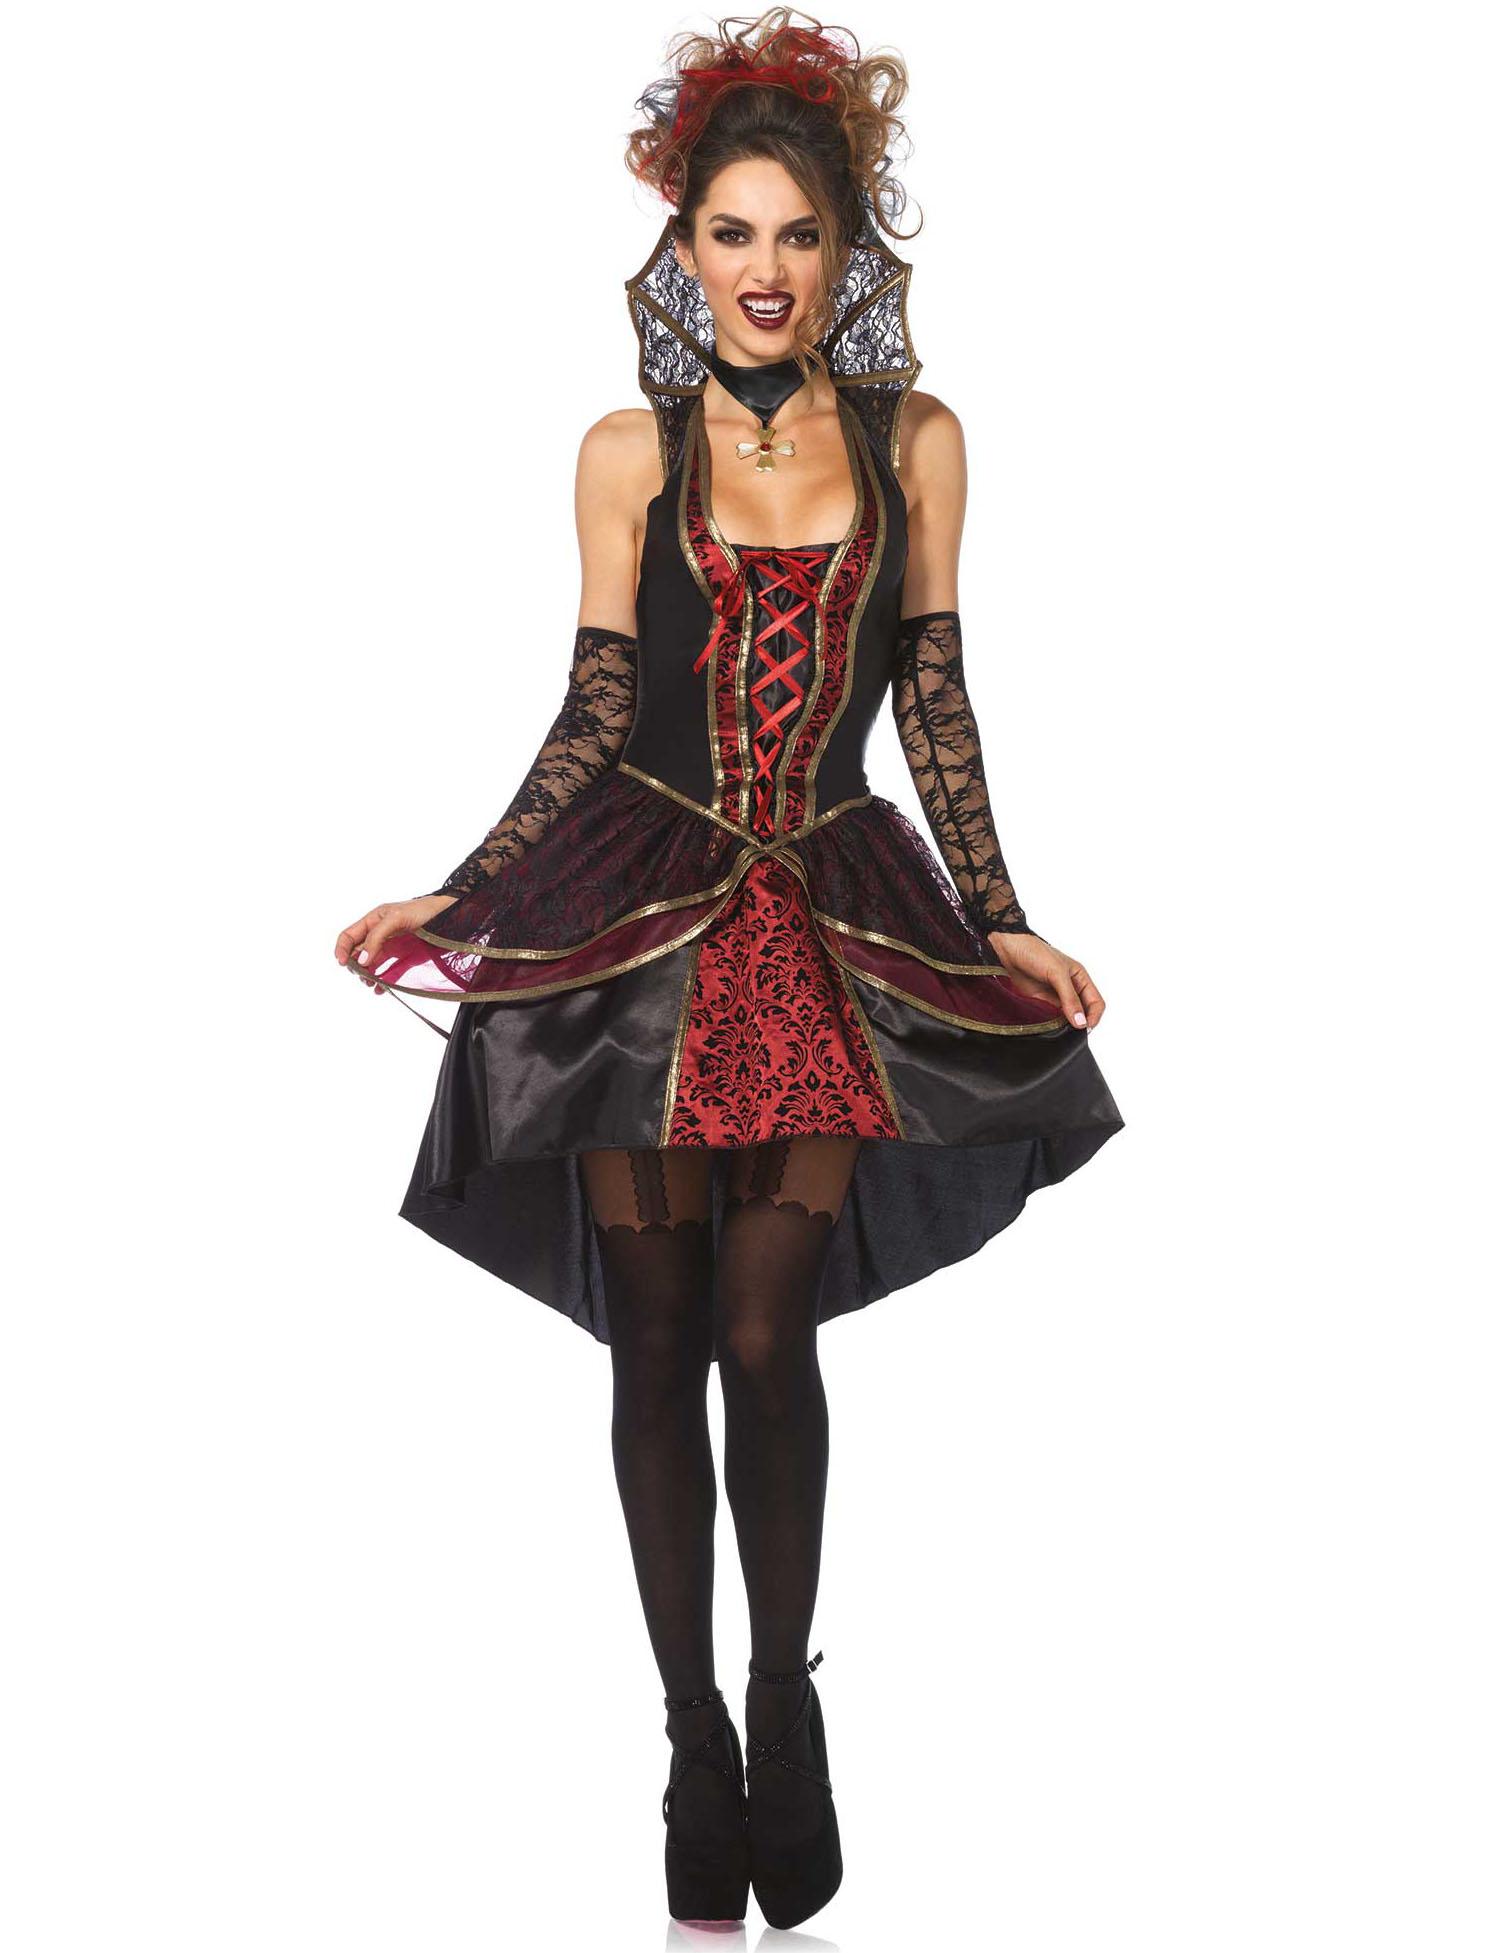 Costume da donna Vampiro sexy Carnevale su VegaooParty 0efef4bcb19e